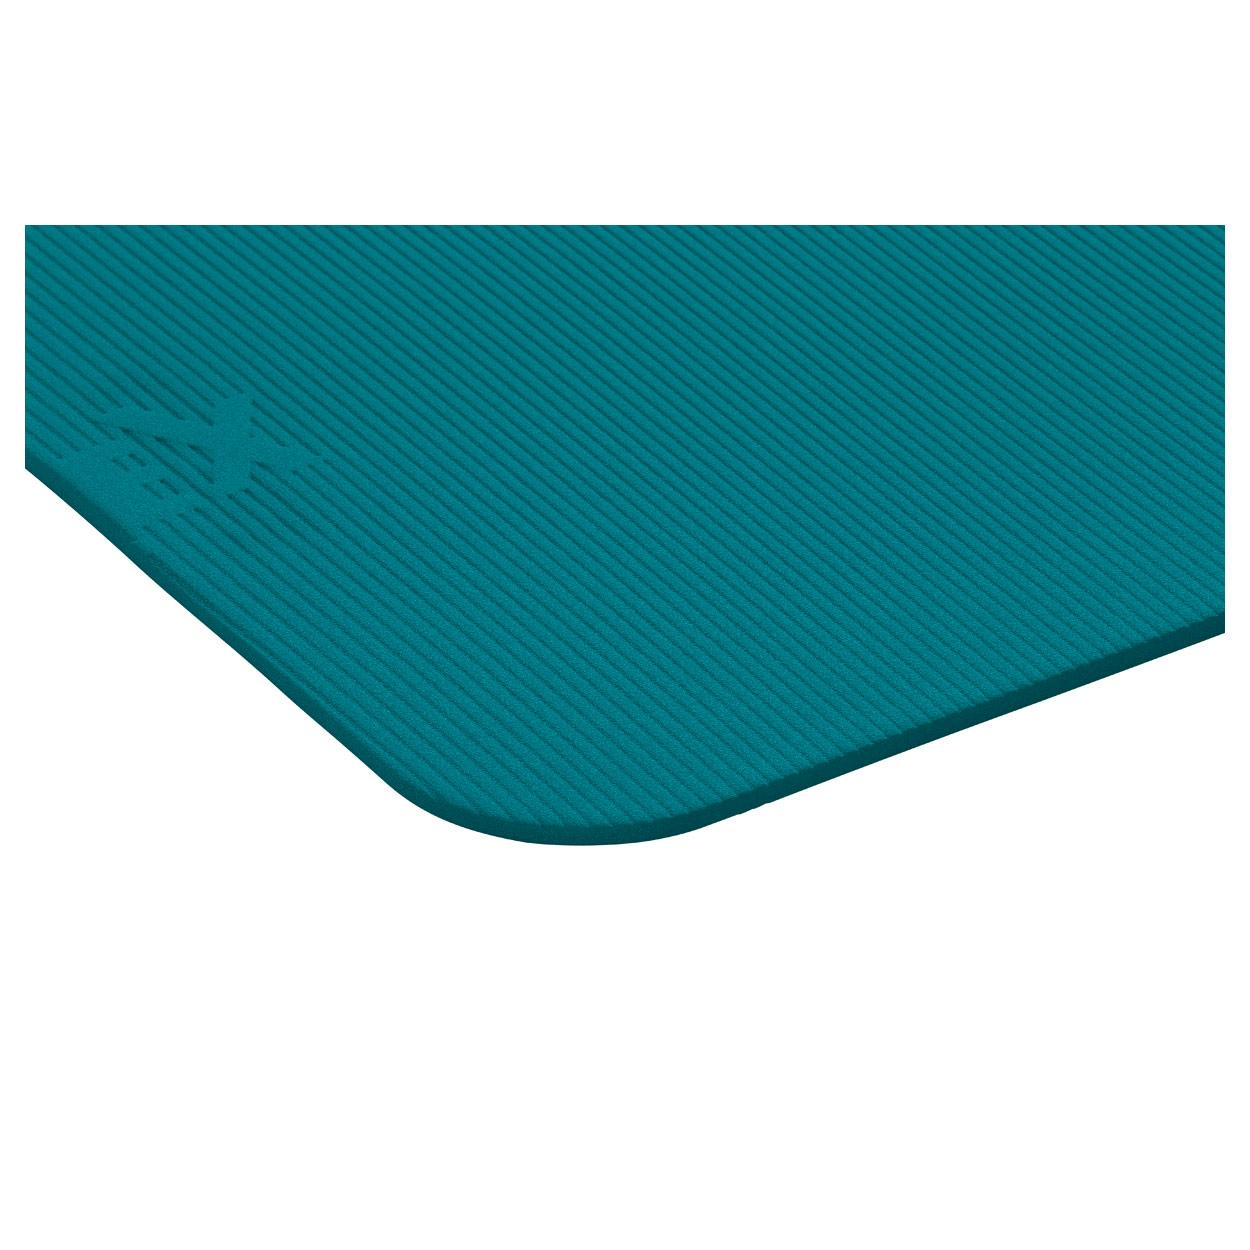 AIREX-Gymnastikmatte-Fitline-140-Sportmatte-Pilatesmatte-Turnmatte-Fitnessmatte Indexbild 23